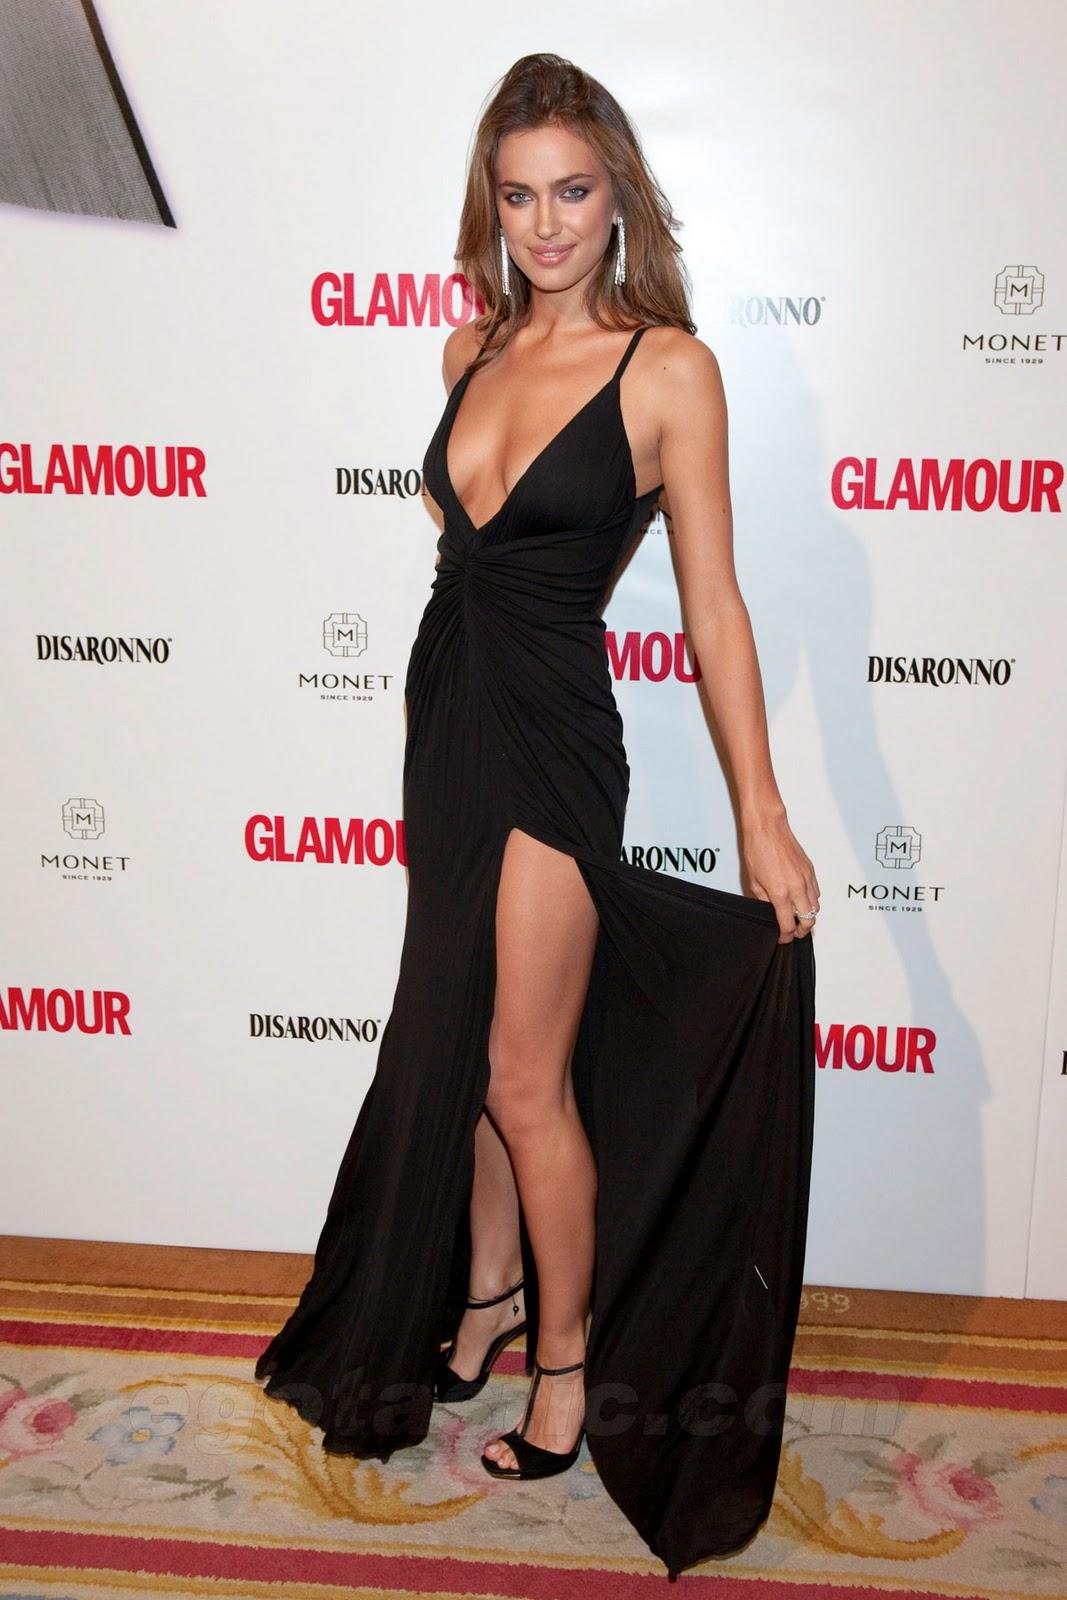 http://4.bp.blogspot.com/_WDCWEjl45FQ/TQp_VLqQZrI/AAAAAAAABu8/83NhRwZbTyQ/s1600/irina-sheik-glamour-awards-01.jpg